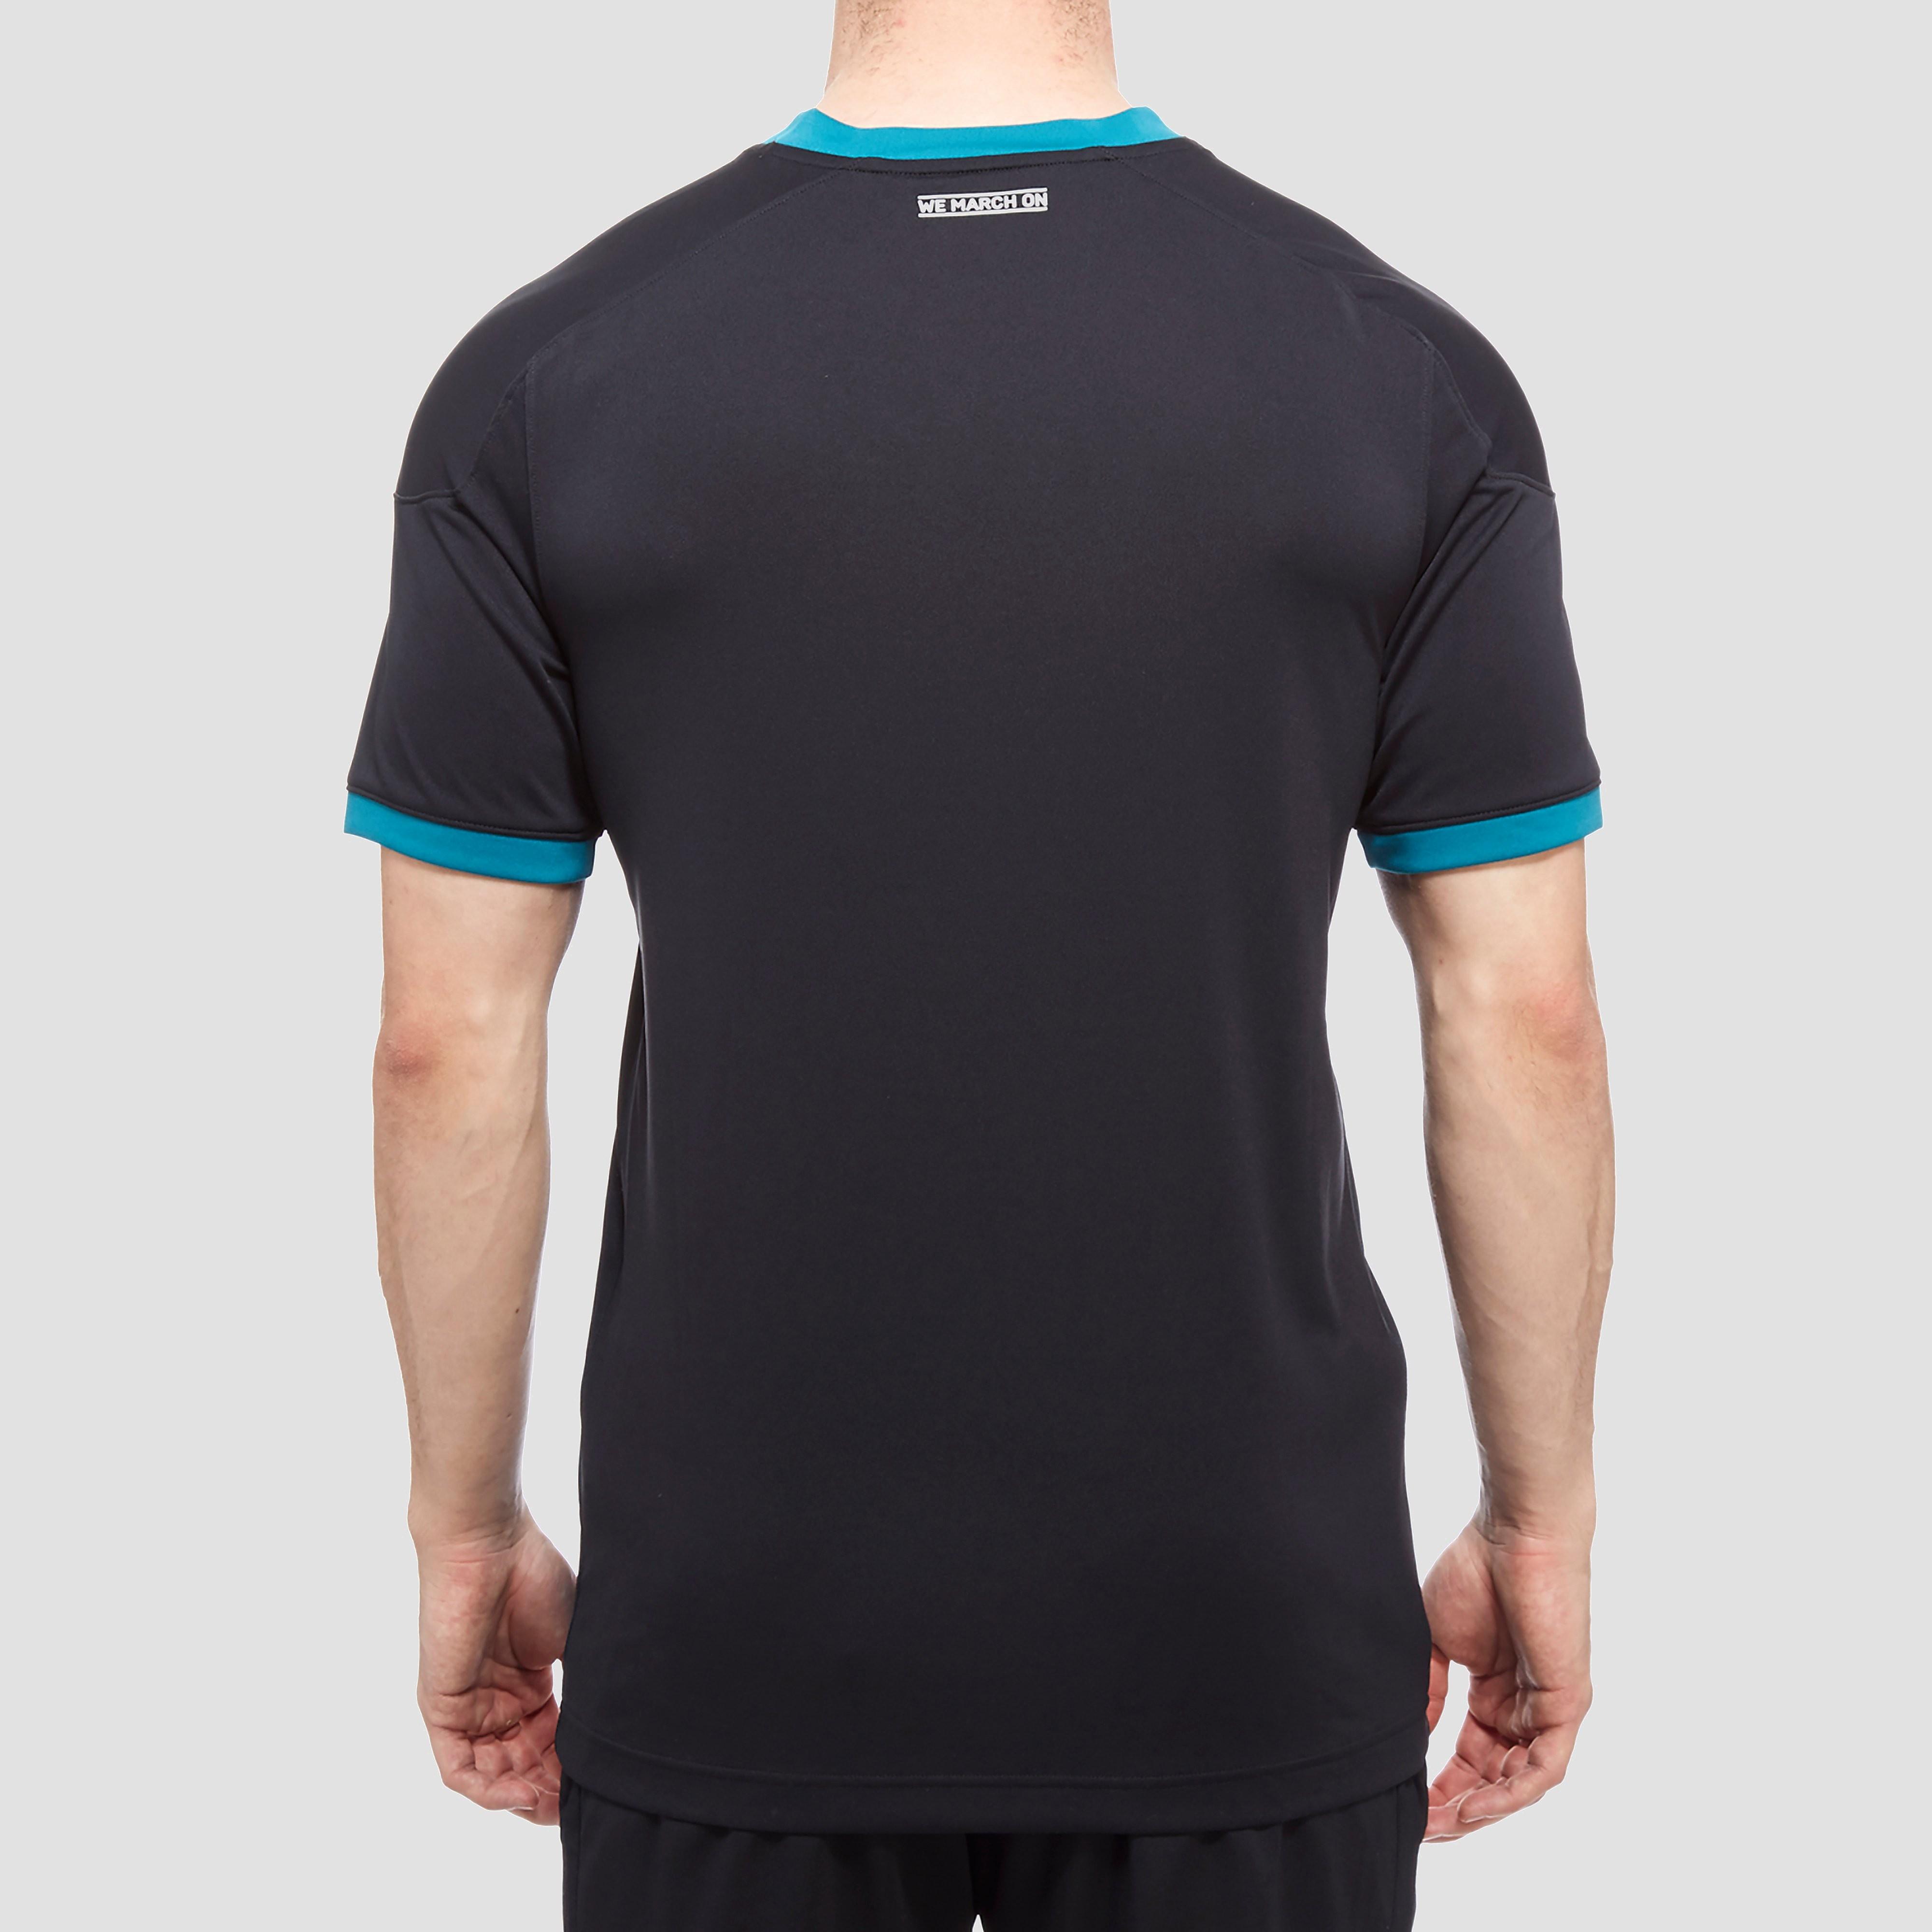 Under Armour Southampton FC 2017/18 Away Men's Football Shirt